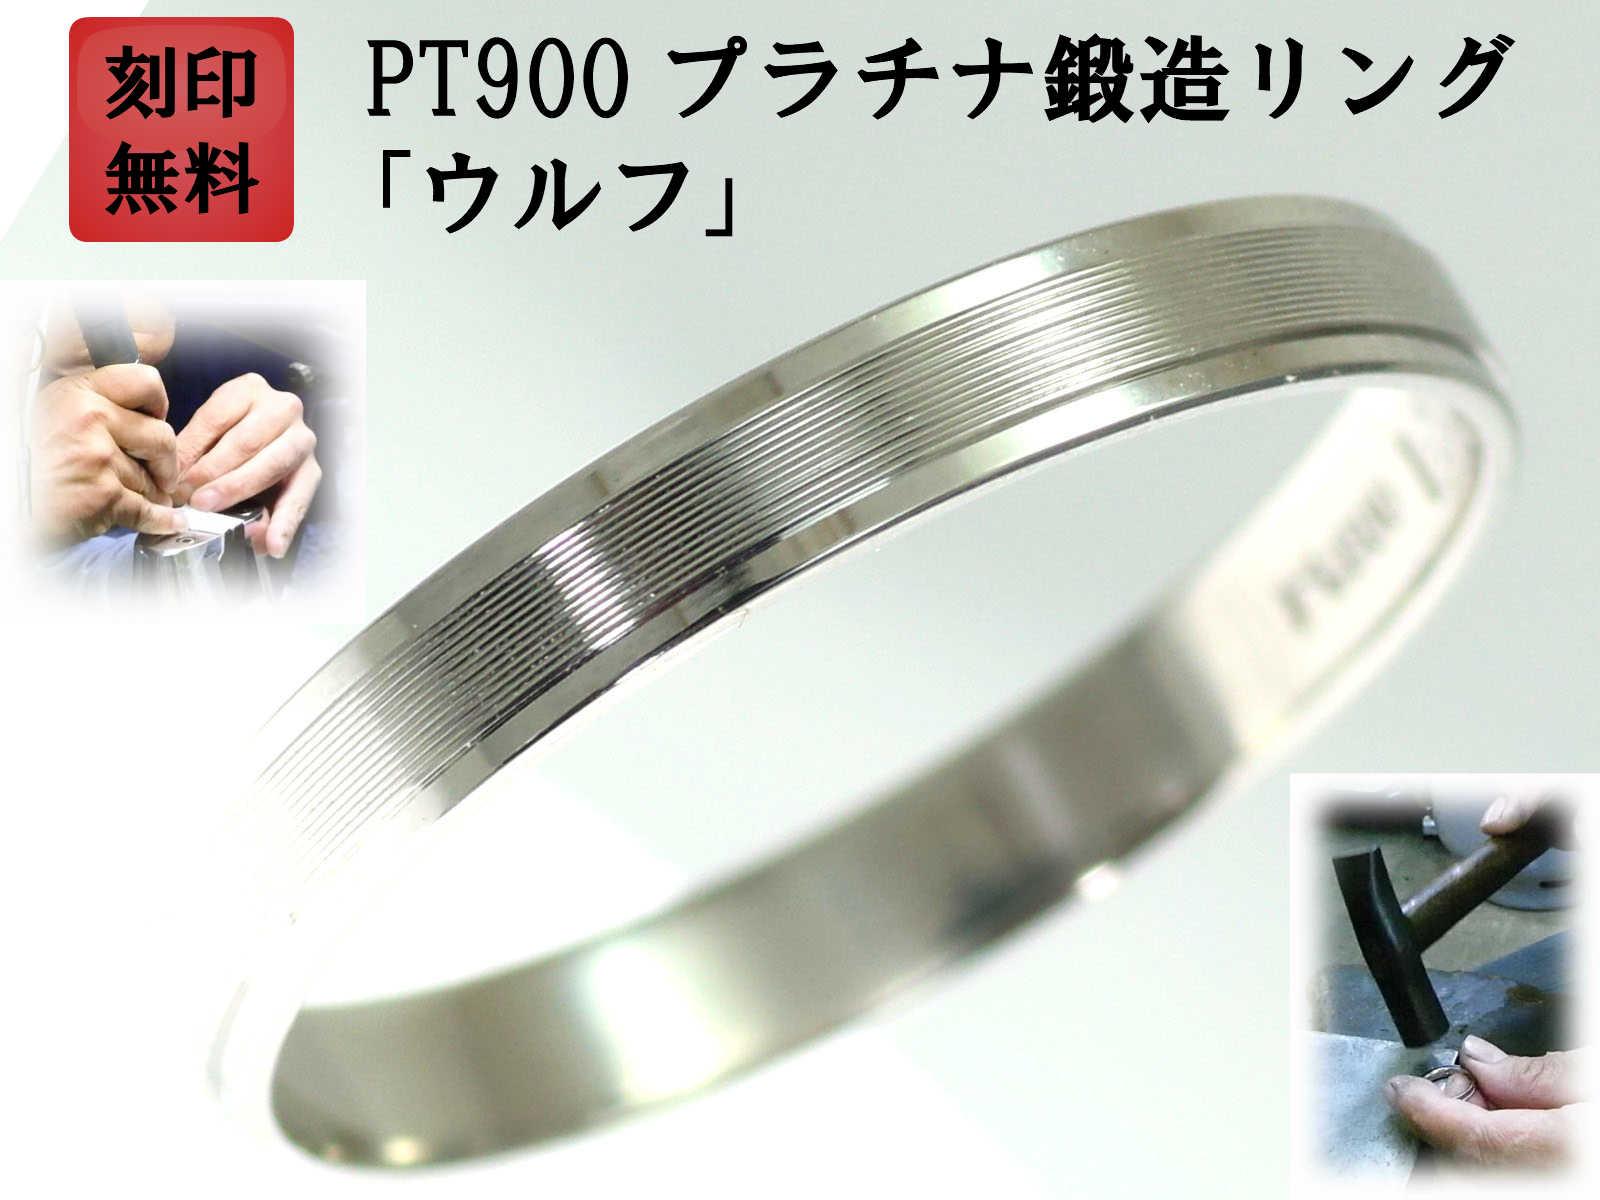 結婚指輪 マリッジリング プラチナ PT900 ペアリング 用 Marriage ring ペア リング 用 鍛造 平打ち 結婚 指輪 ブライダルリング 刻印無料 リング レディース メンズ 両用【母の日 プレゼント】「ウルフ」